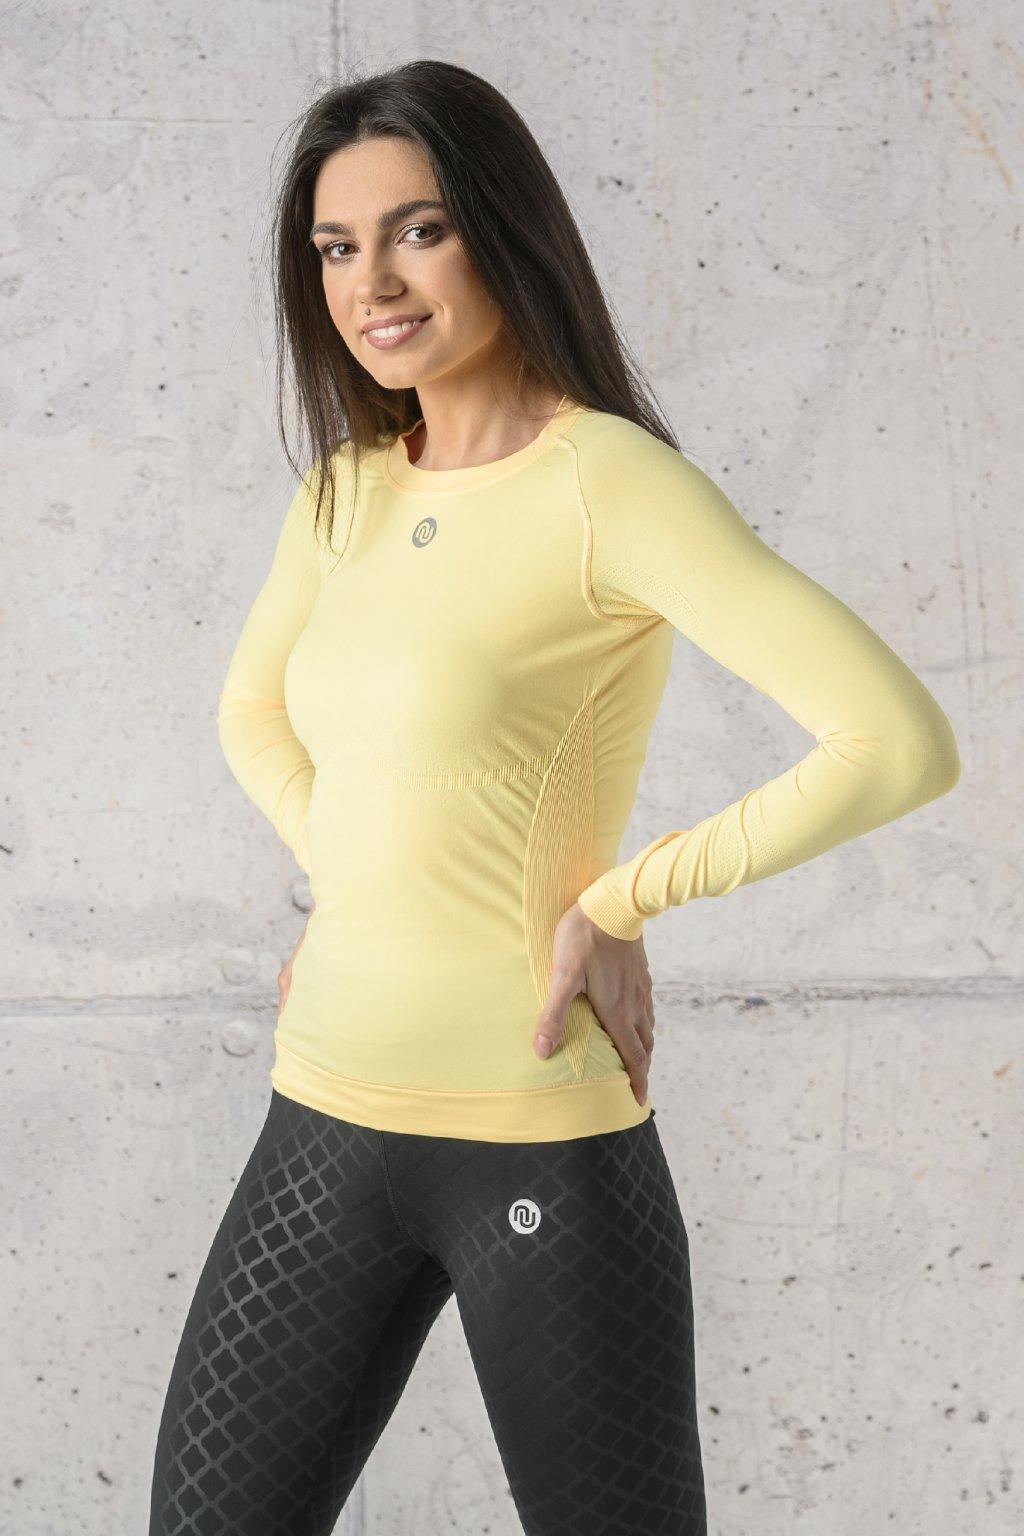 Tričko ultra light s dlouhým rukávem BLD 13 1